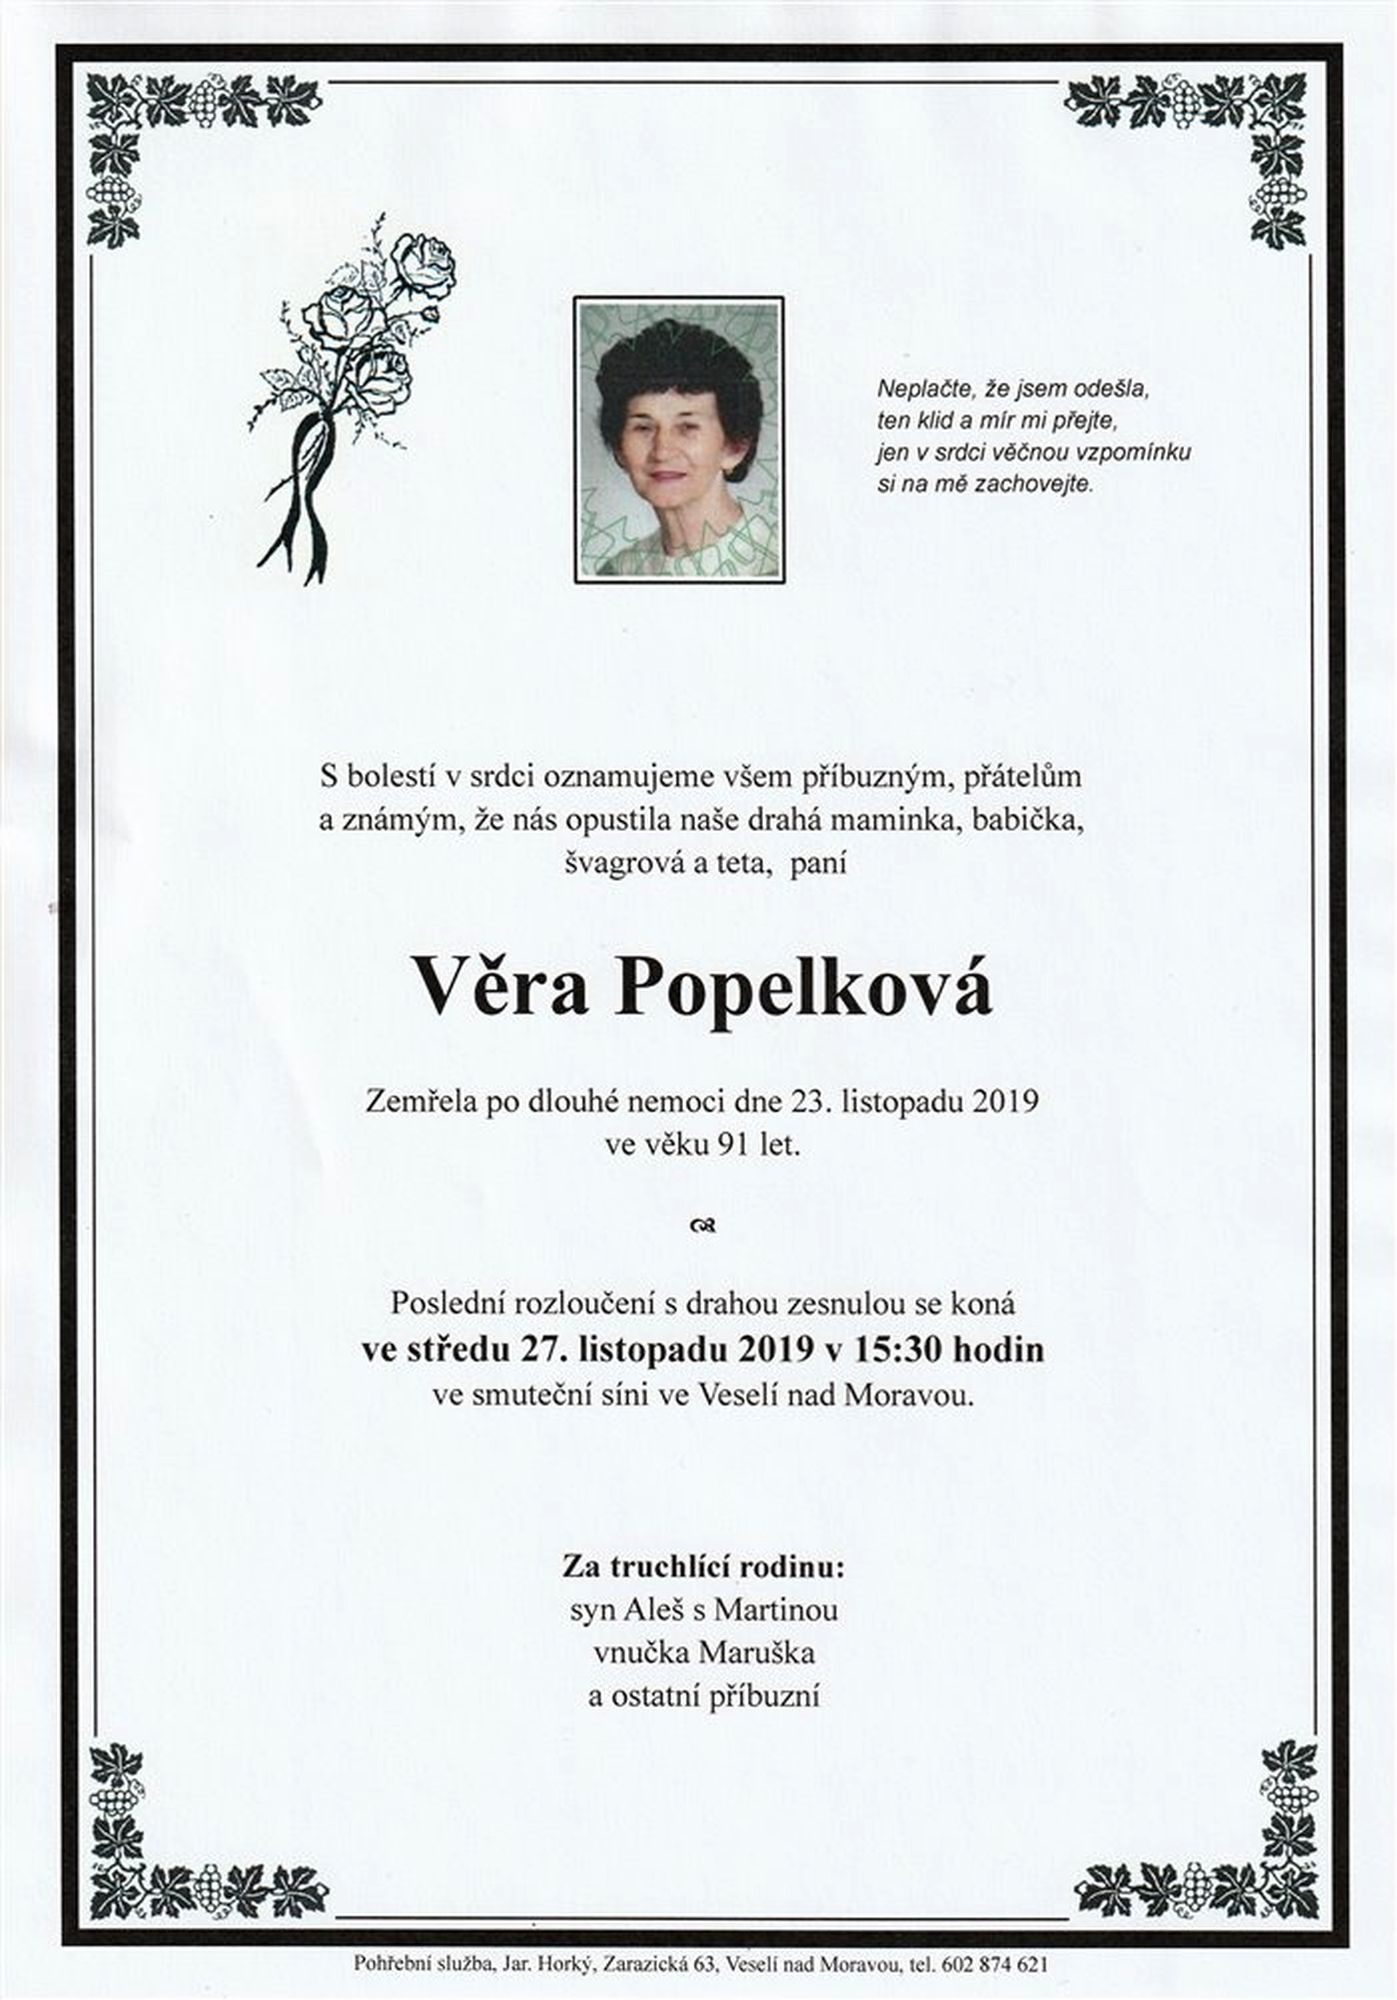 Věra Popelková